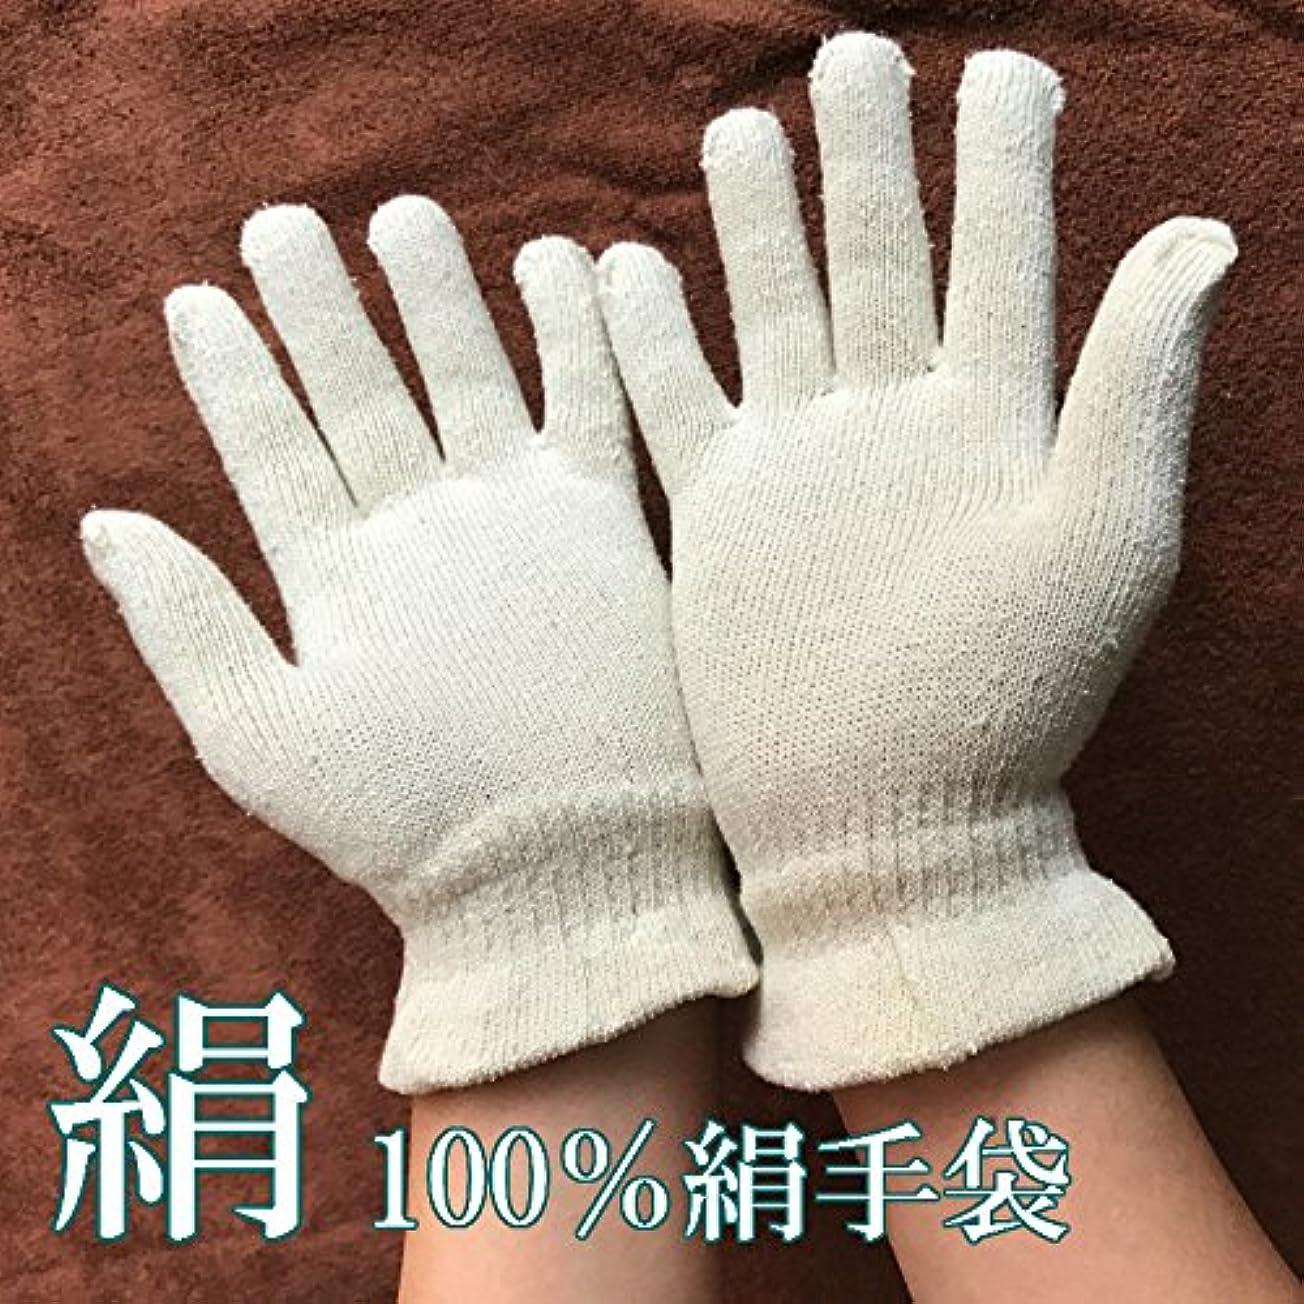 突進複数気がついて絹手袋 シルク手袋 ガルシャナ アーユルヴェーダ